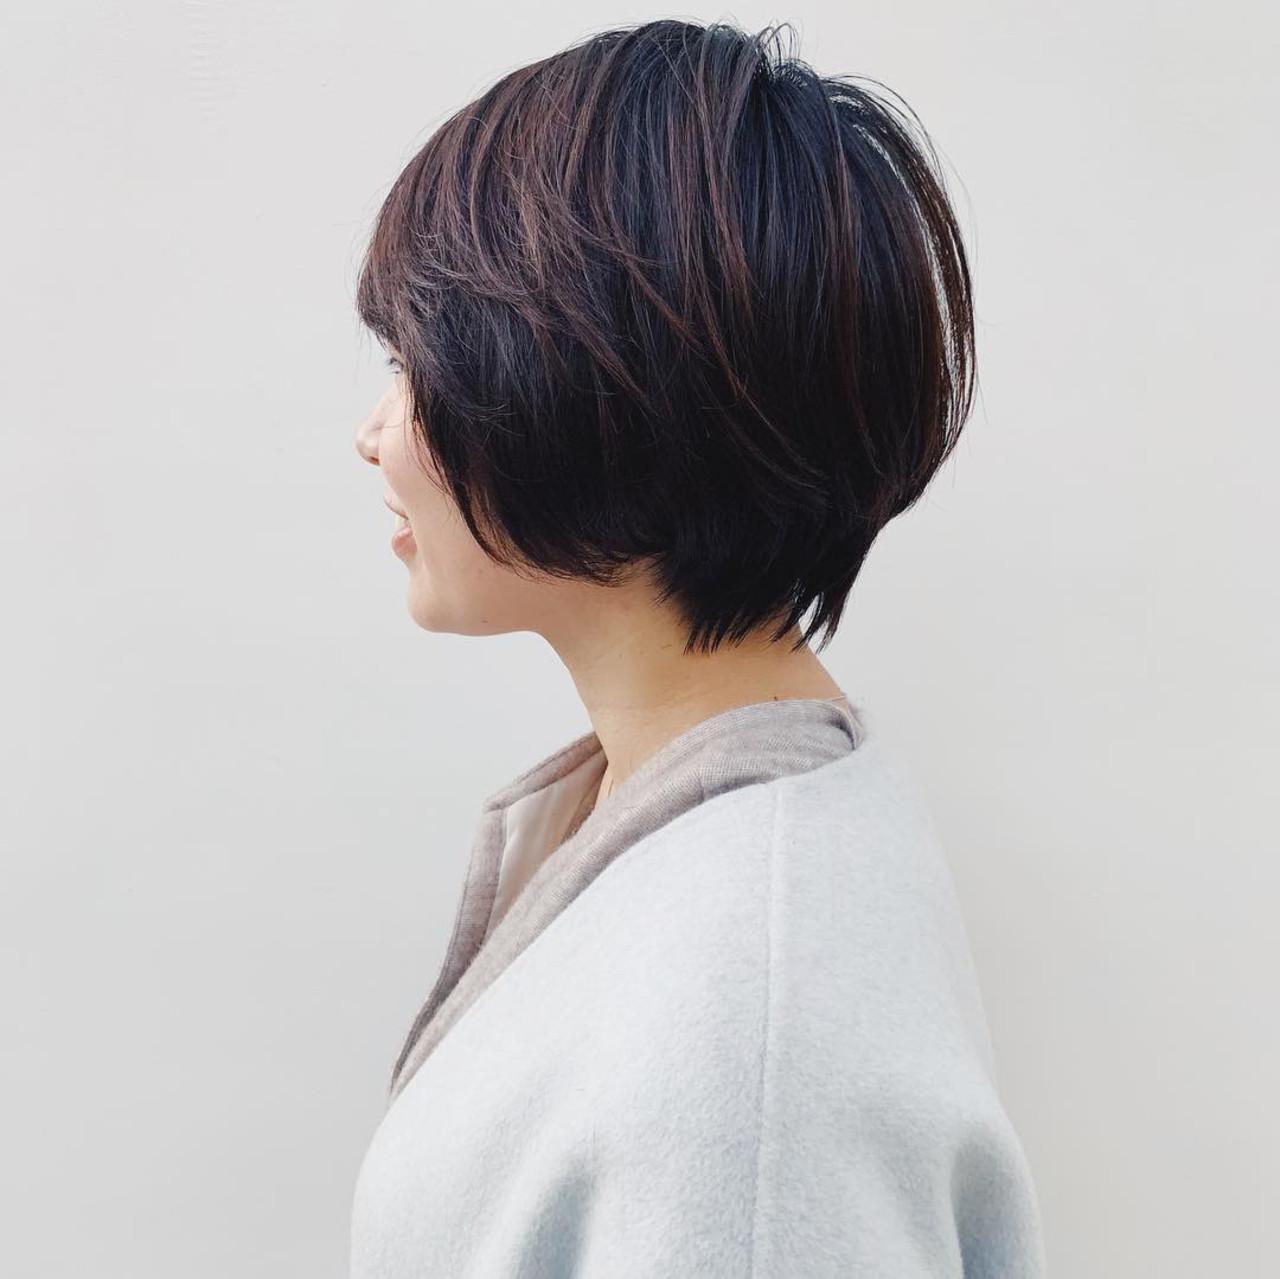 パーマ ハンサムショート ショート アンニュイほつれヘアヘアスタイルや髪型の写真・画像